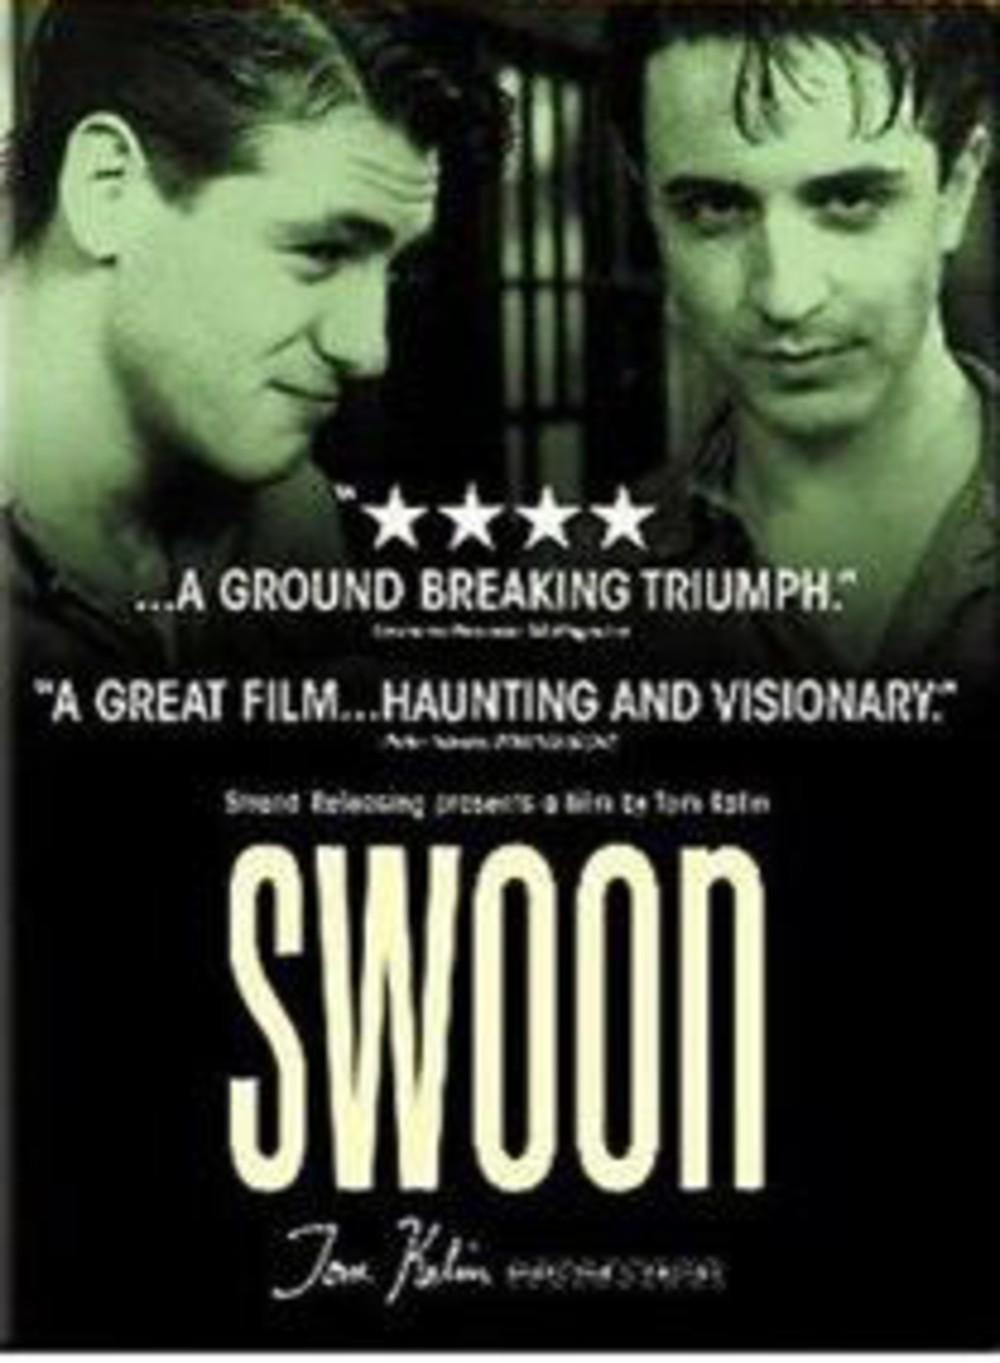 affiche du film Swoon